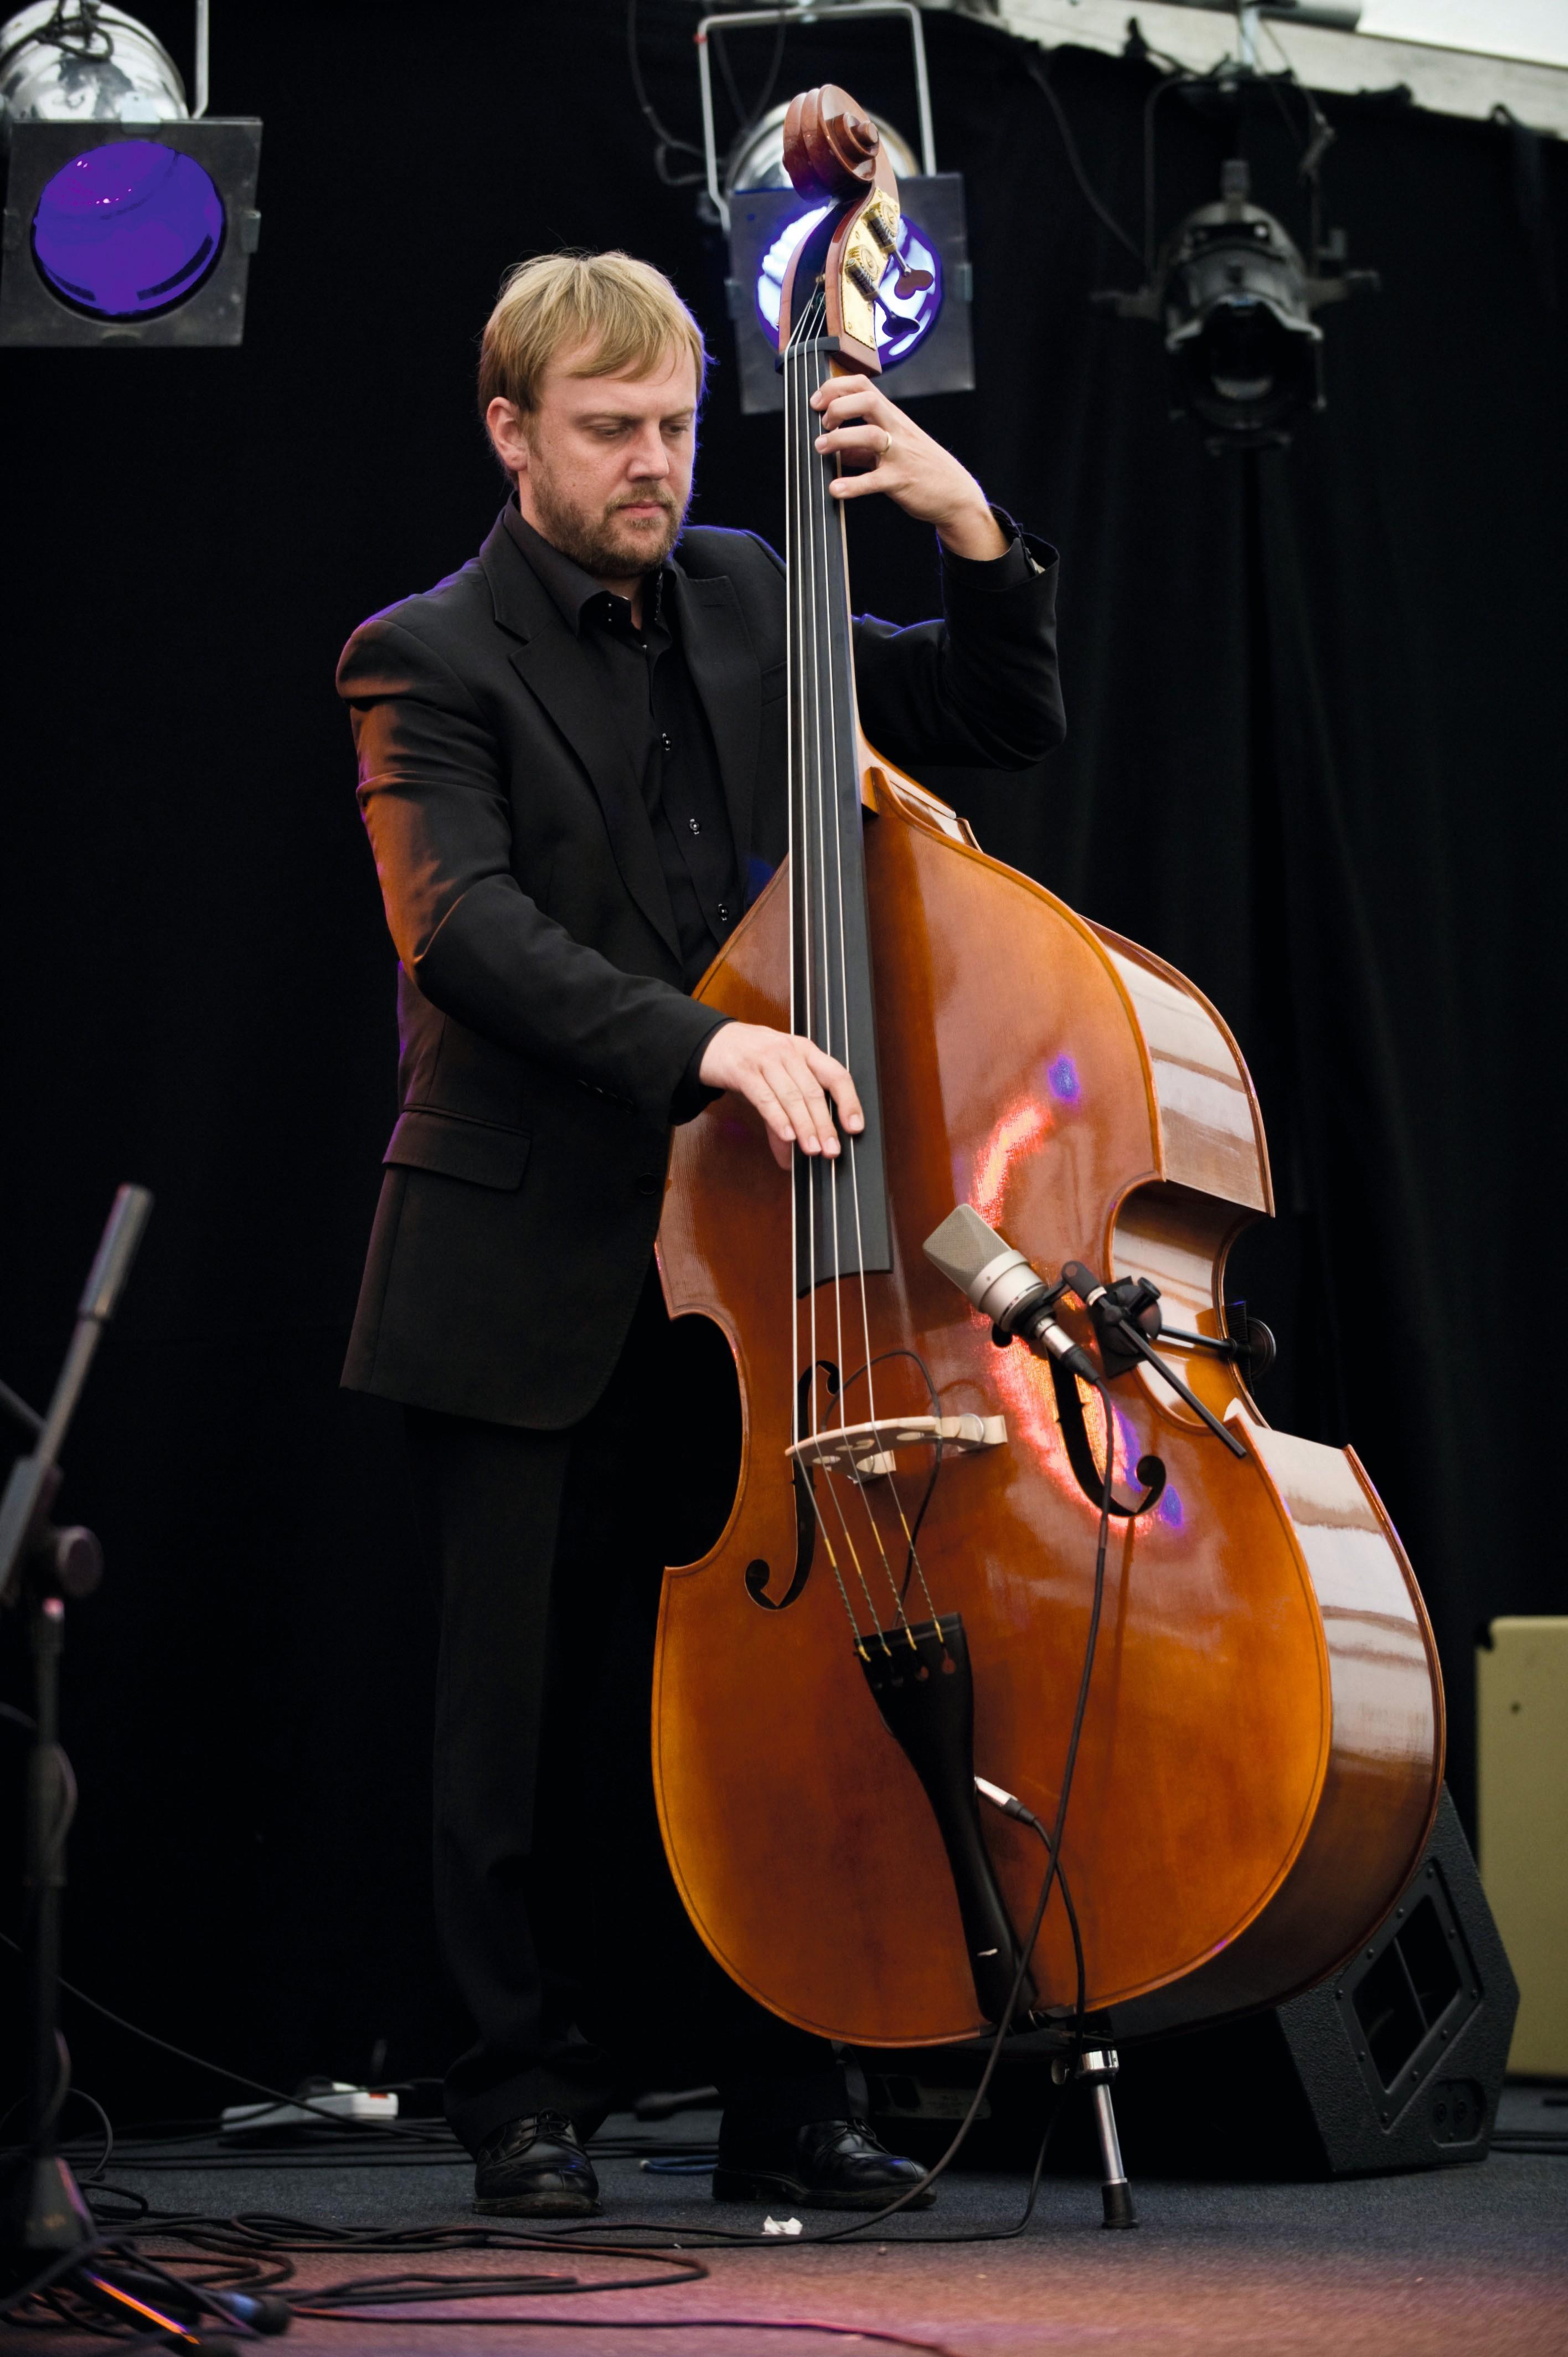 Un joueur de contrebasse